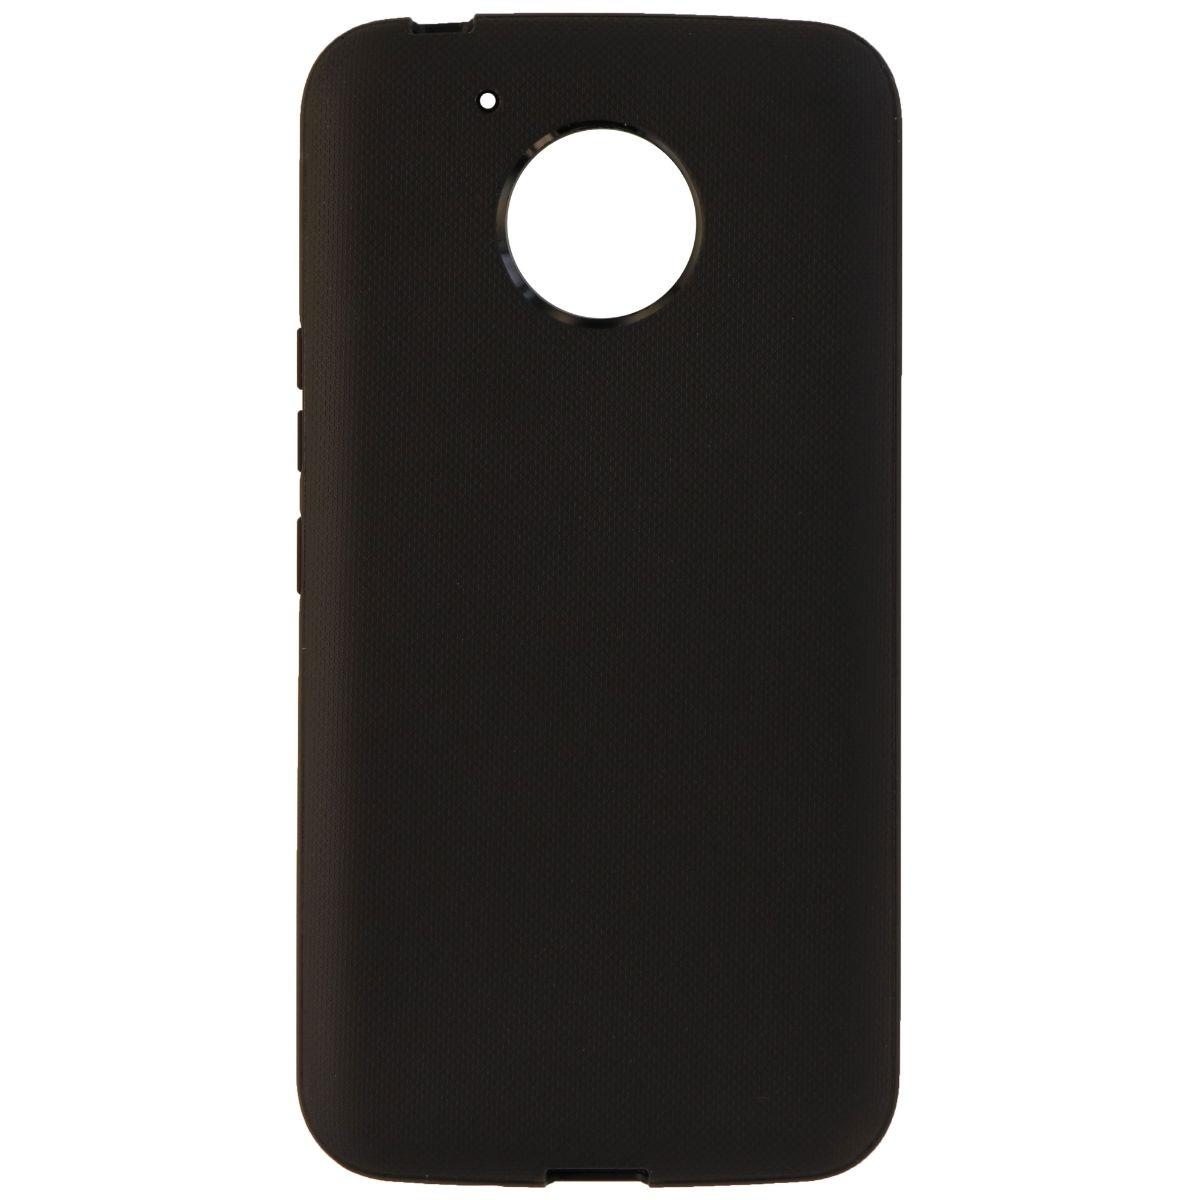 Verizon Heavy Duty Silicone Cover For Motorola Moto E4 Plus - Black